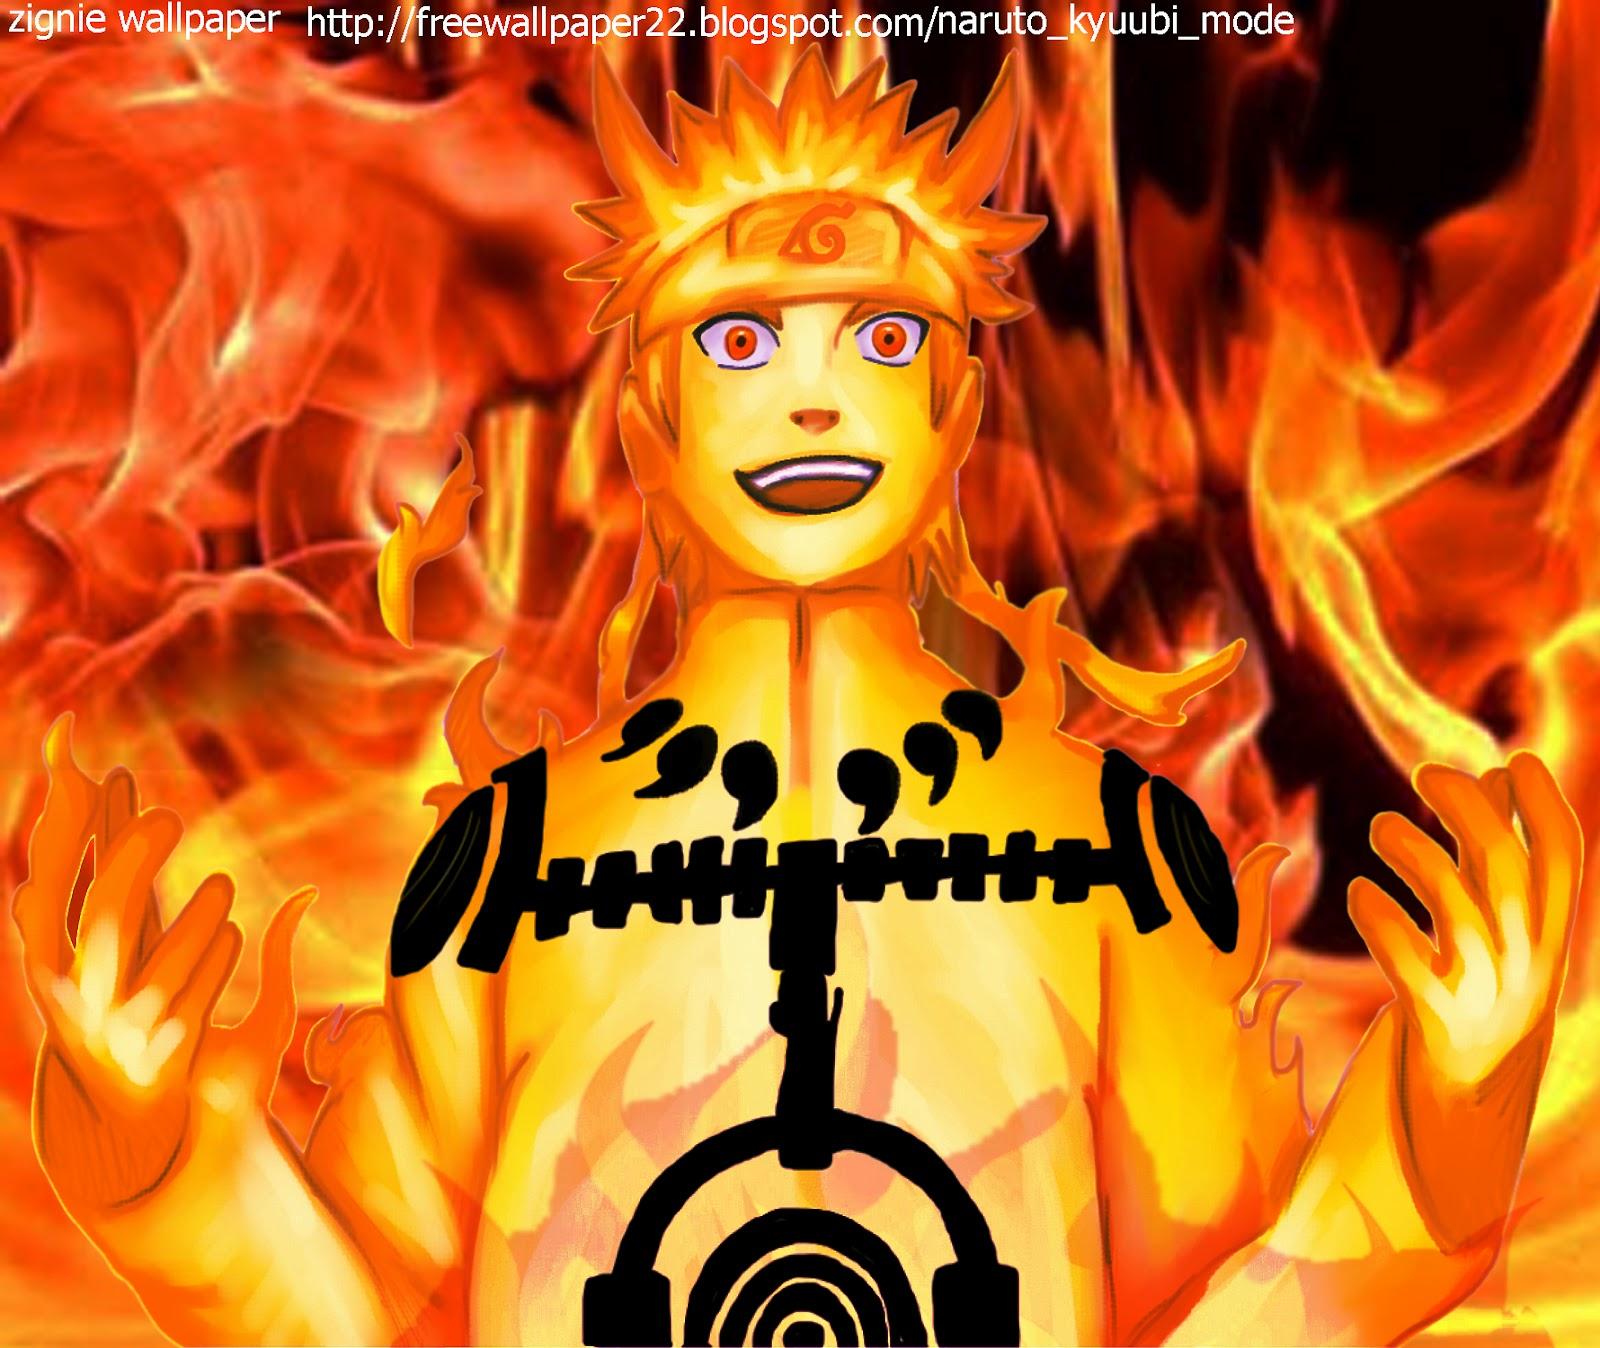 1600 x 1348 jpeg 295kB, Naruto_Shippuden_naruto_kyuubi_mode.jpg